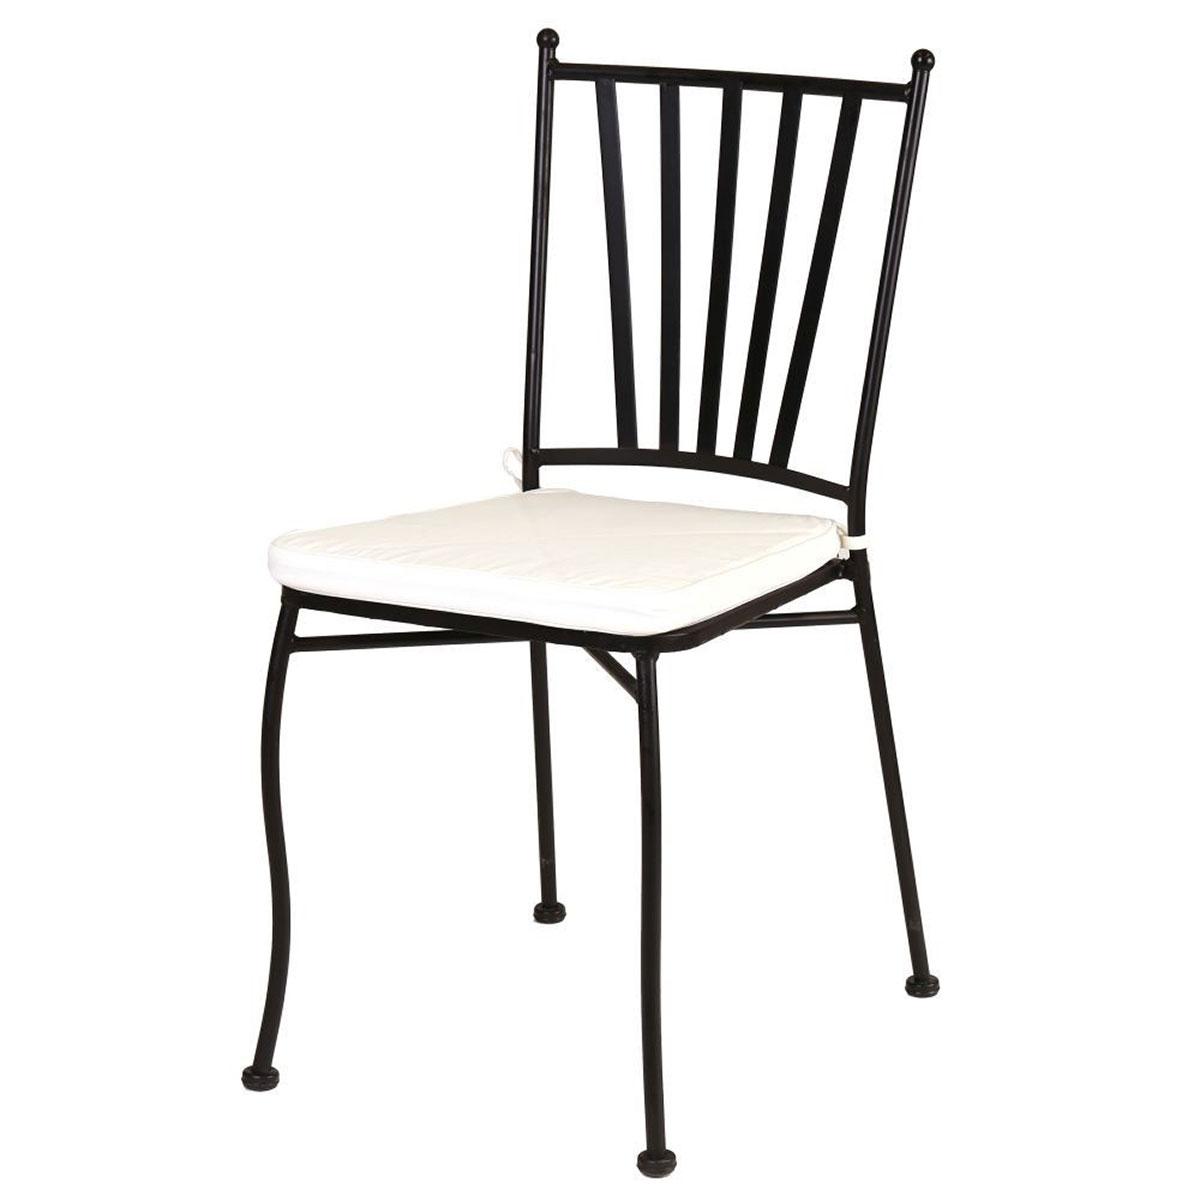 Chaise empilable en fer forgé - Noir - 40 x 53 x 90 cm